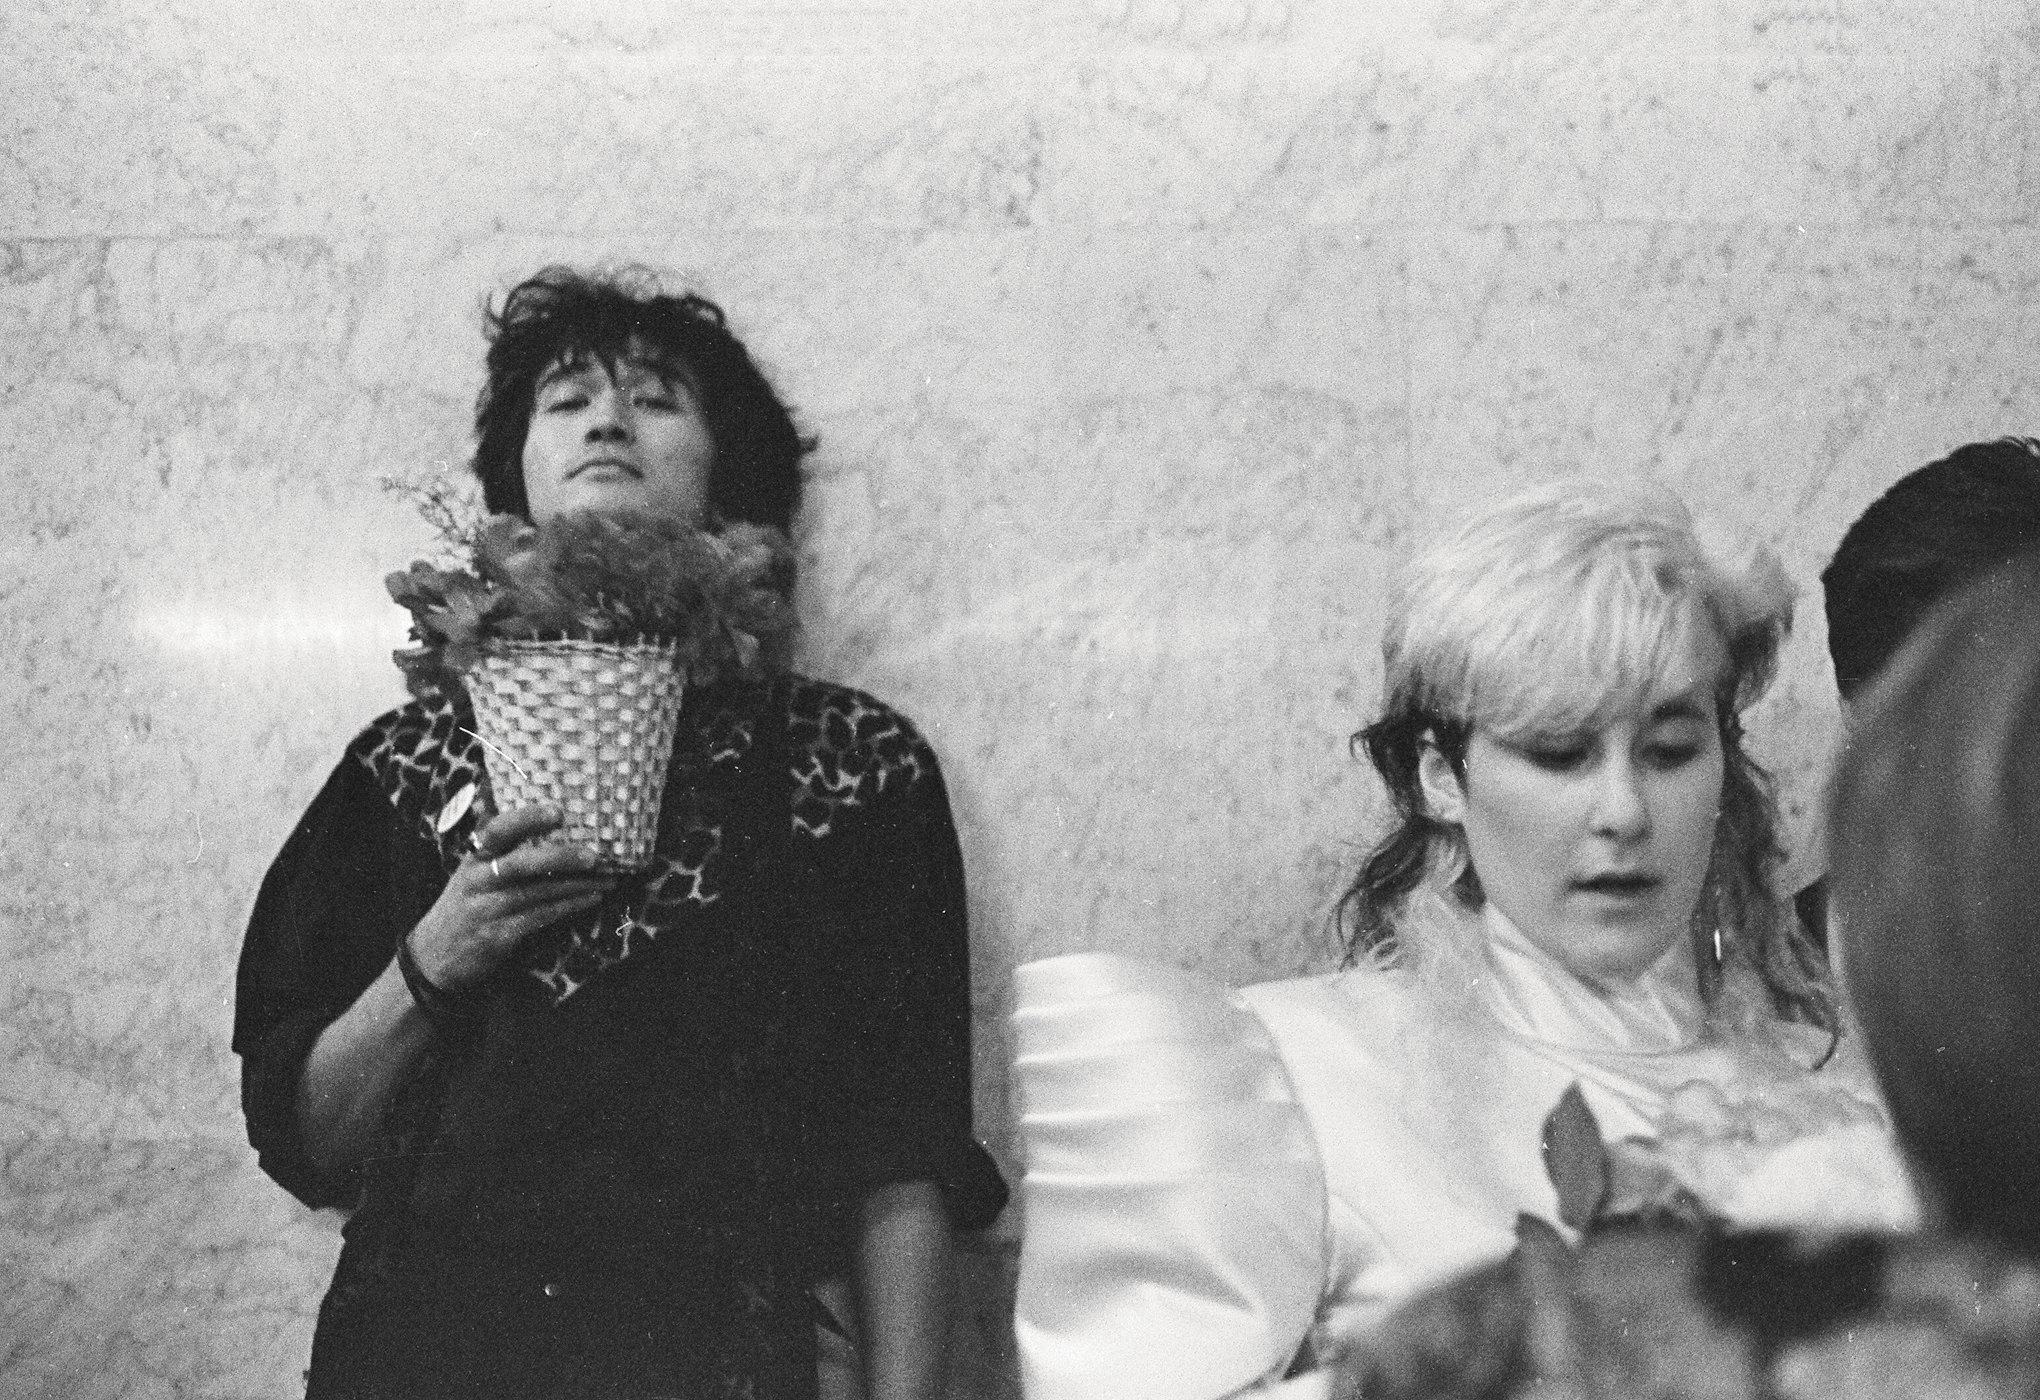 Виктор Цой иДжоанна Стингрей насвадьбе Джоанны Стингрей иЮрия Каспаряна, Ленинград, 2 ноября 1987 г.